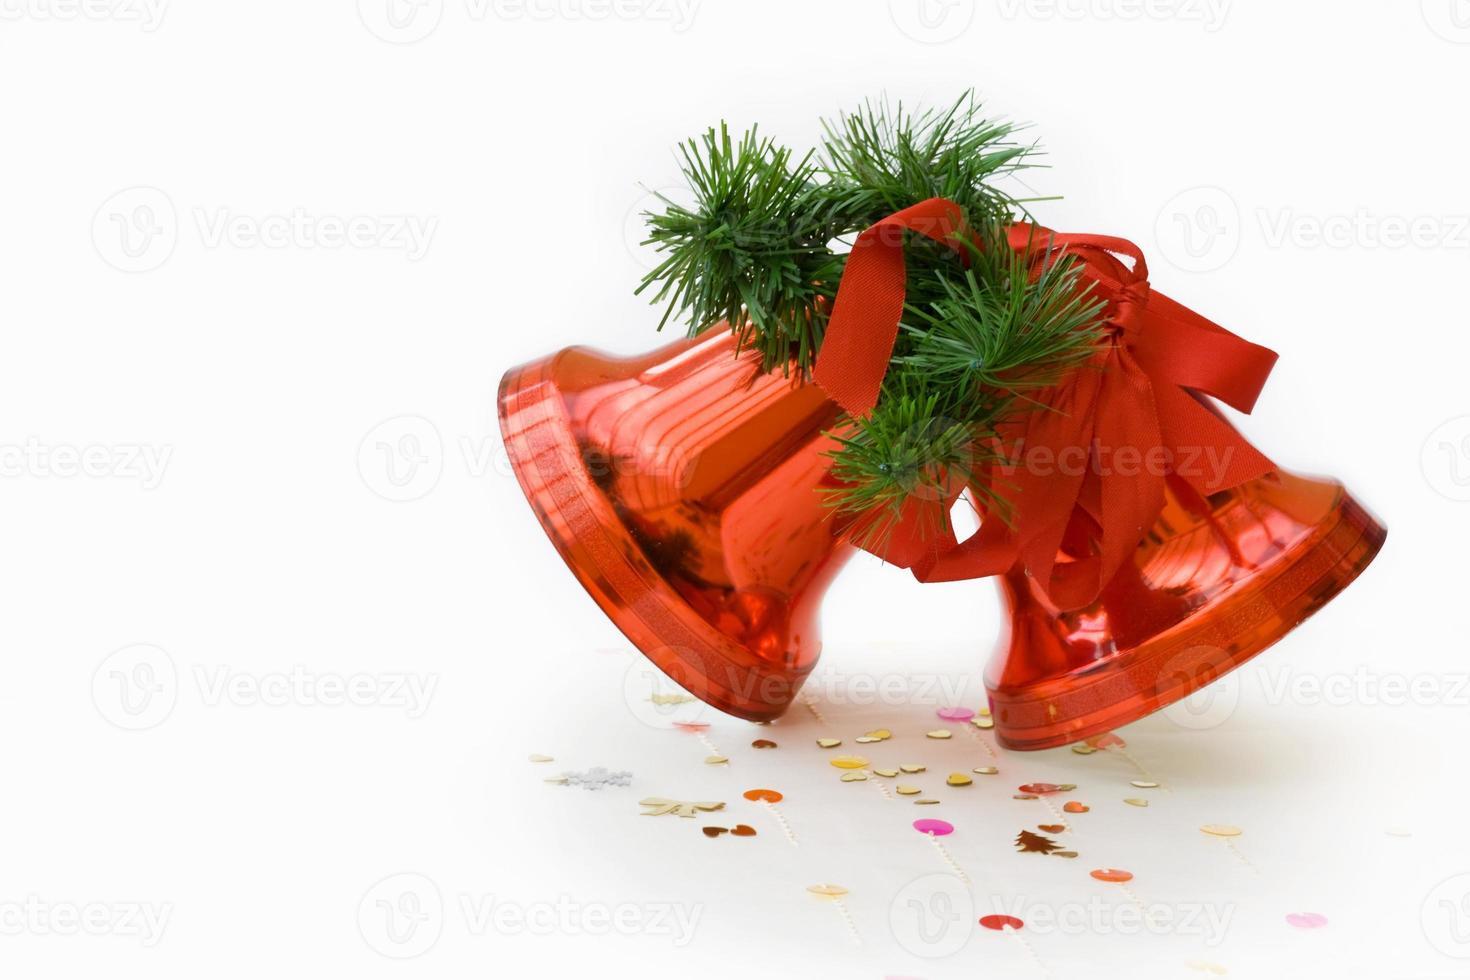 sinos de Natal vermelho com traçado de recorte foto